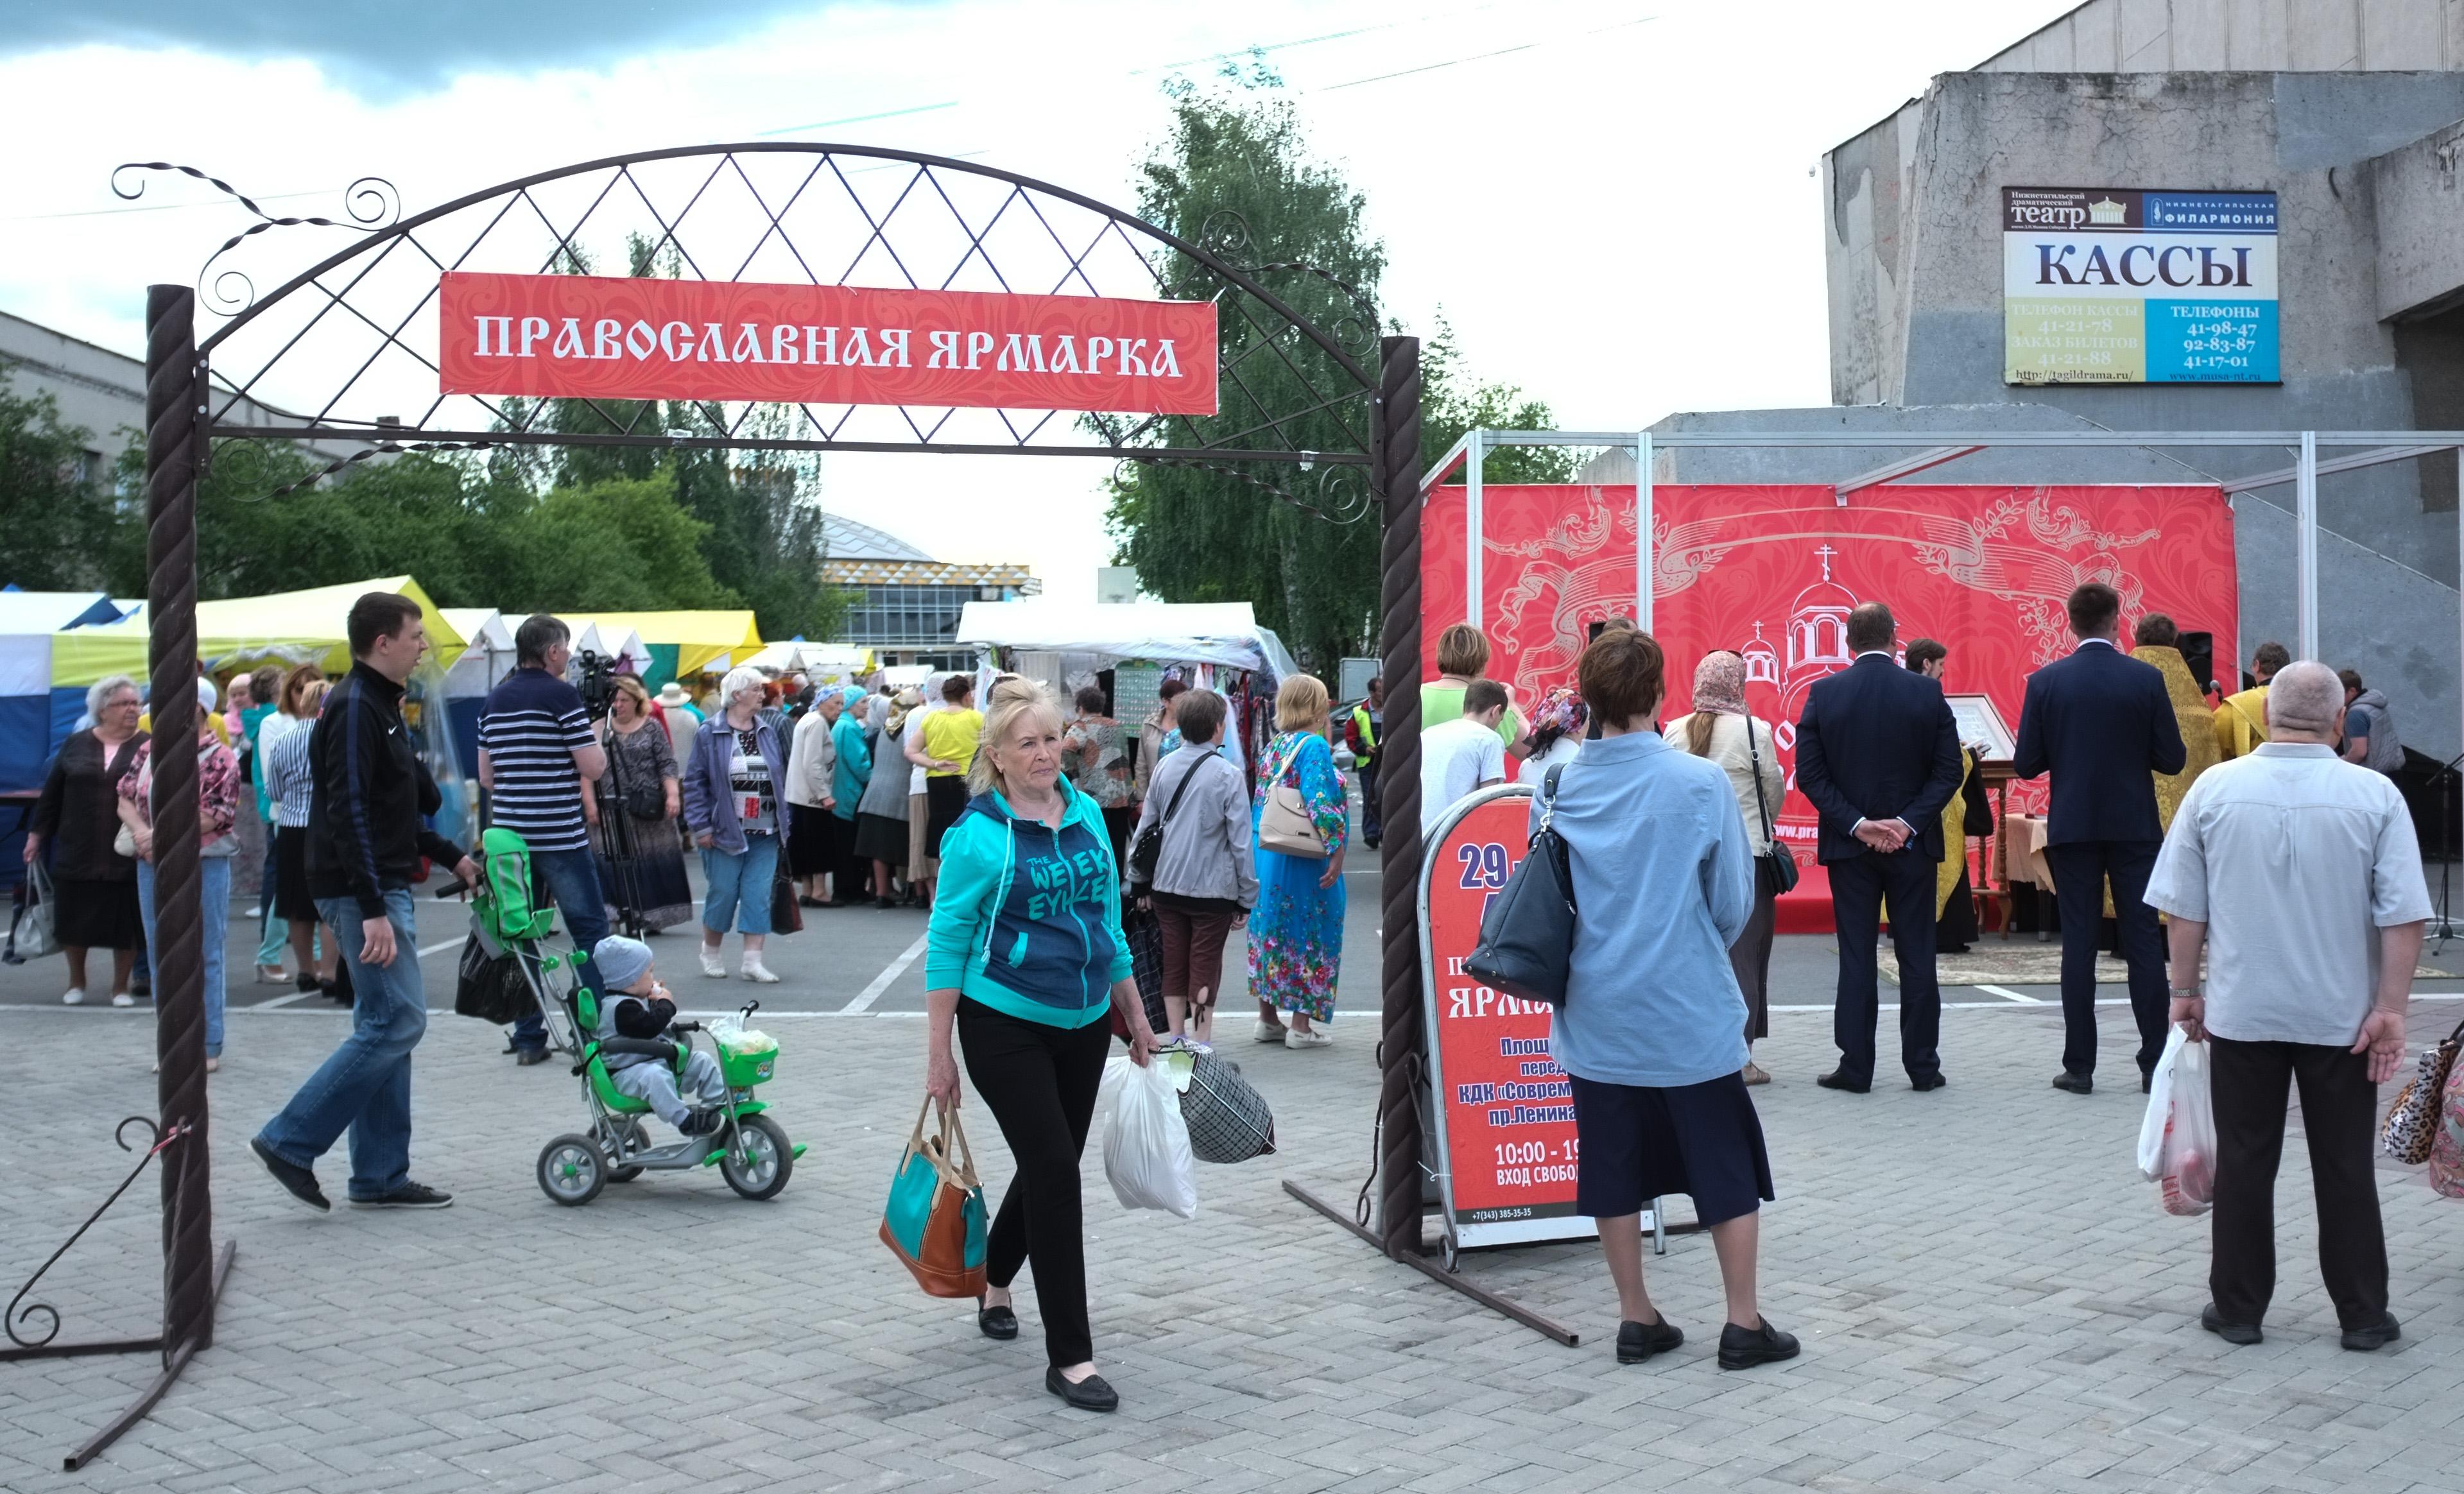 Бурковский придет ярмарки в нижнем тагиле расписание 2017 окончания спортивной карьеры